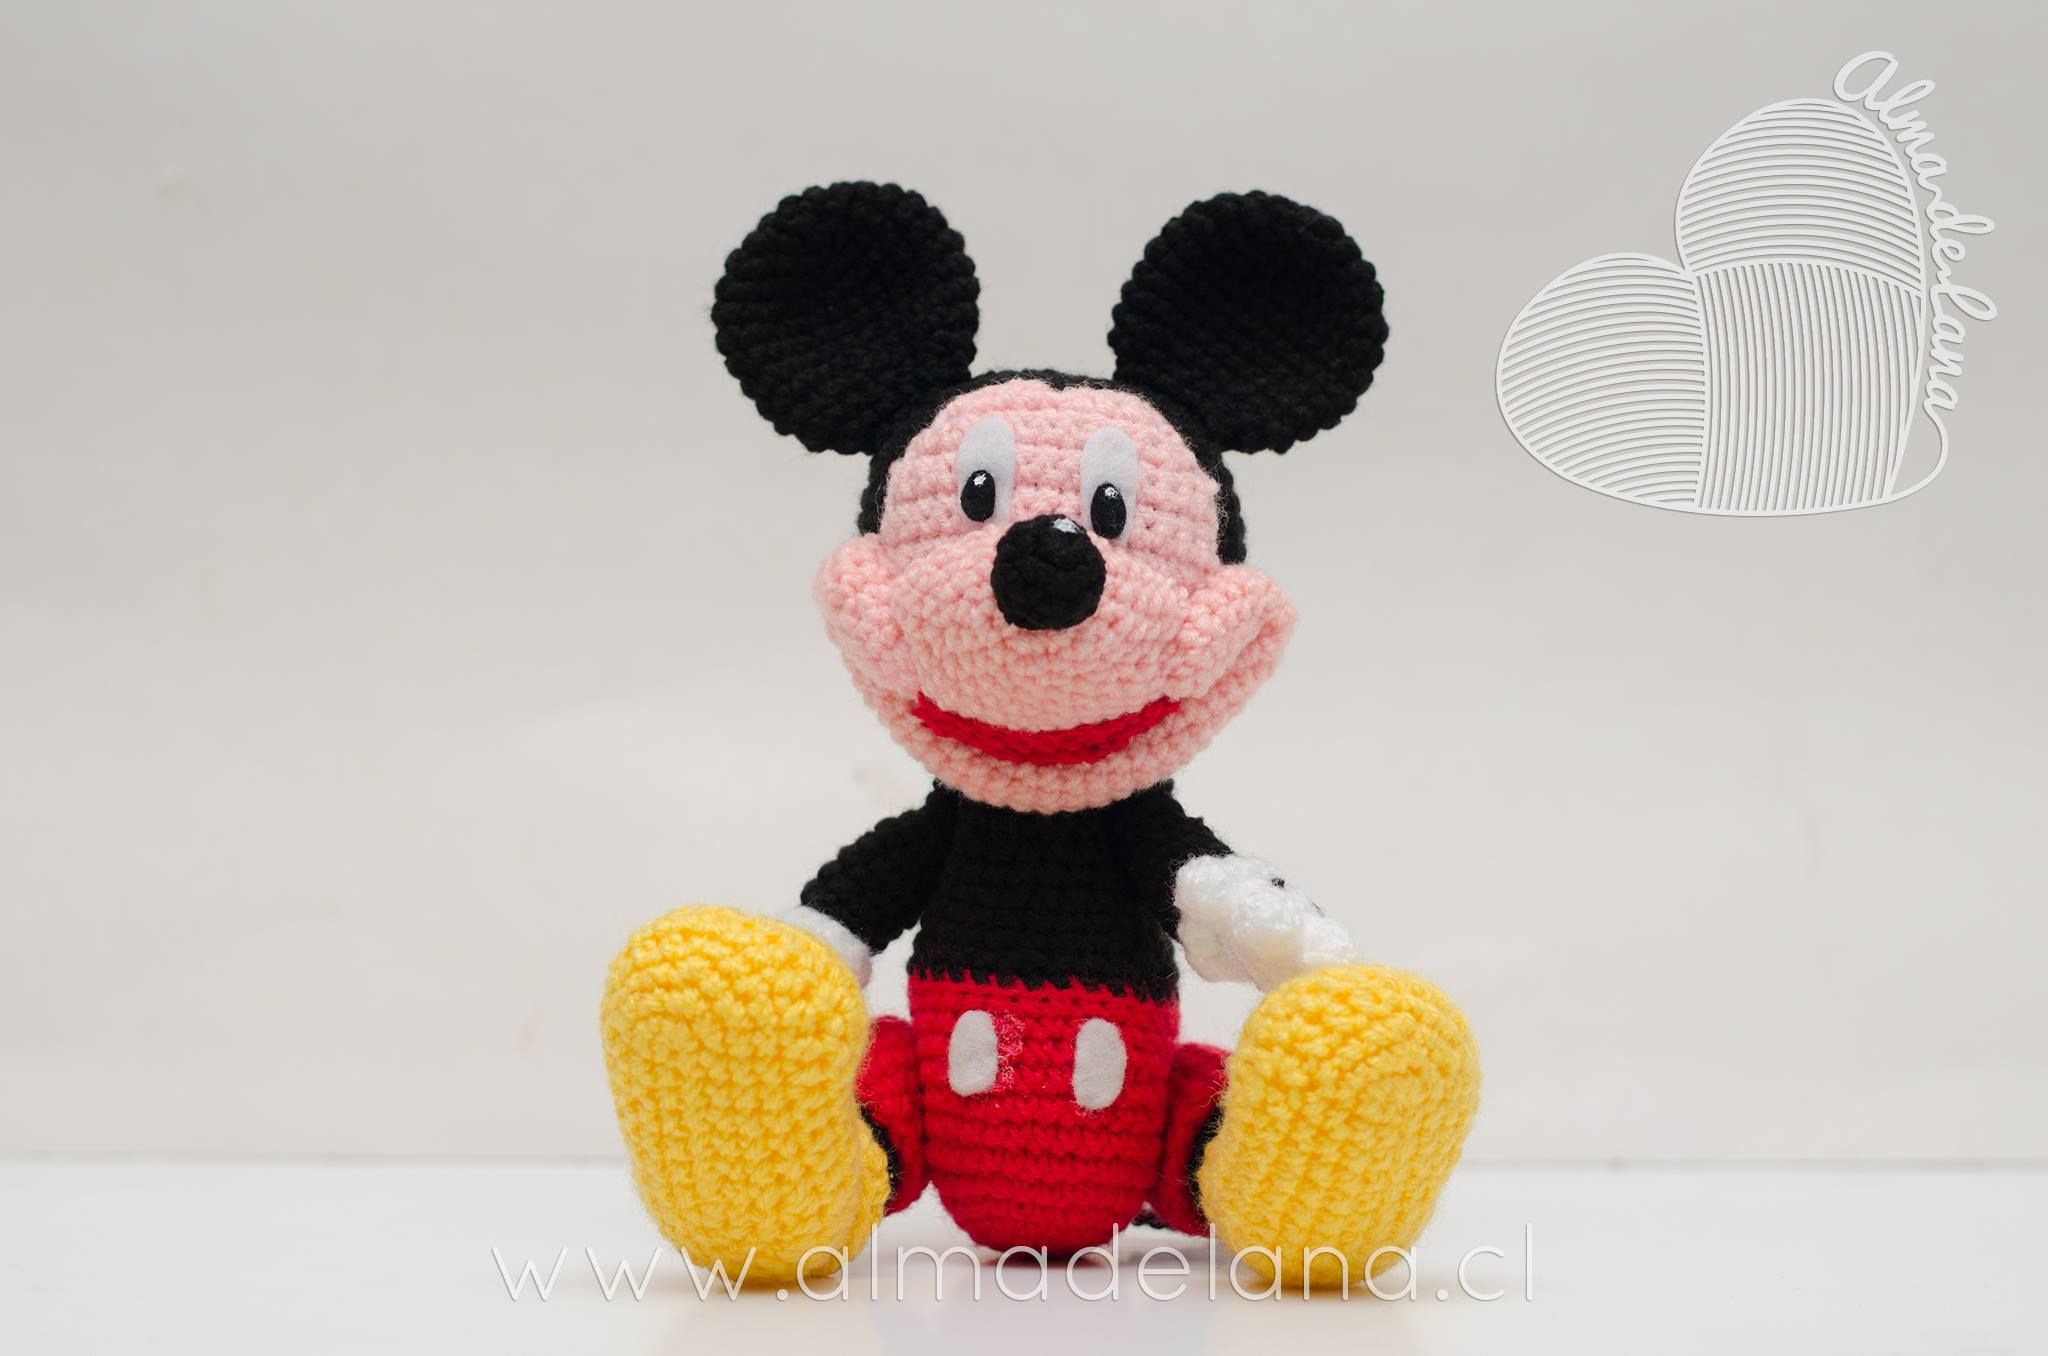 Amigurumis Personajes De Disney : Mickey mouse inspirado en el amigurumi de la diseñadora chonticha